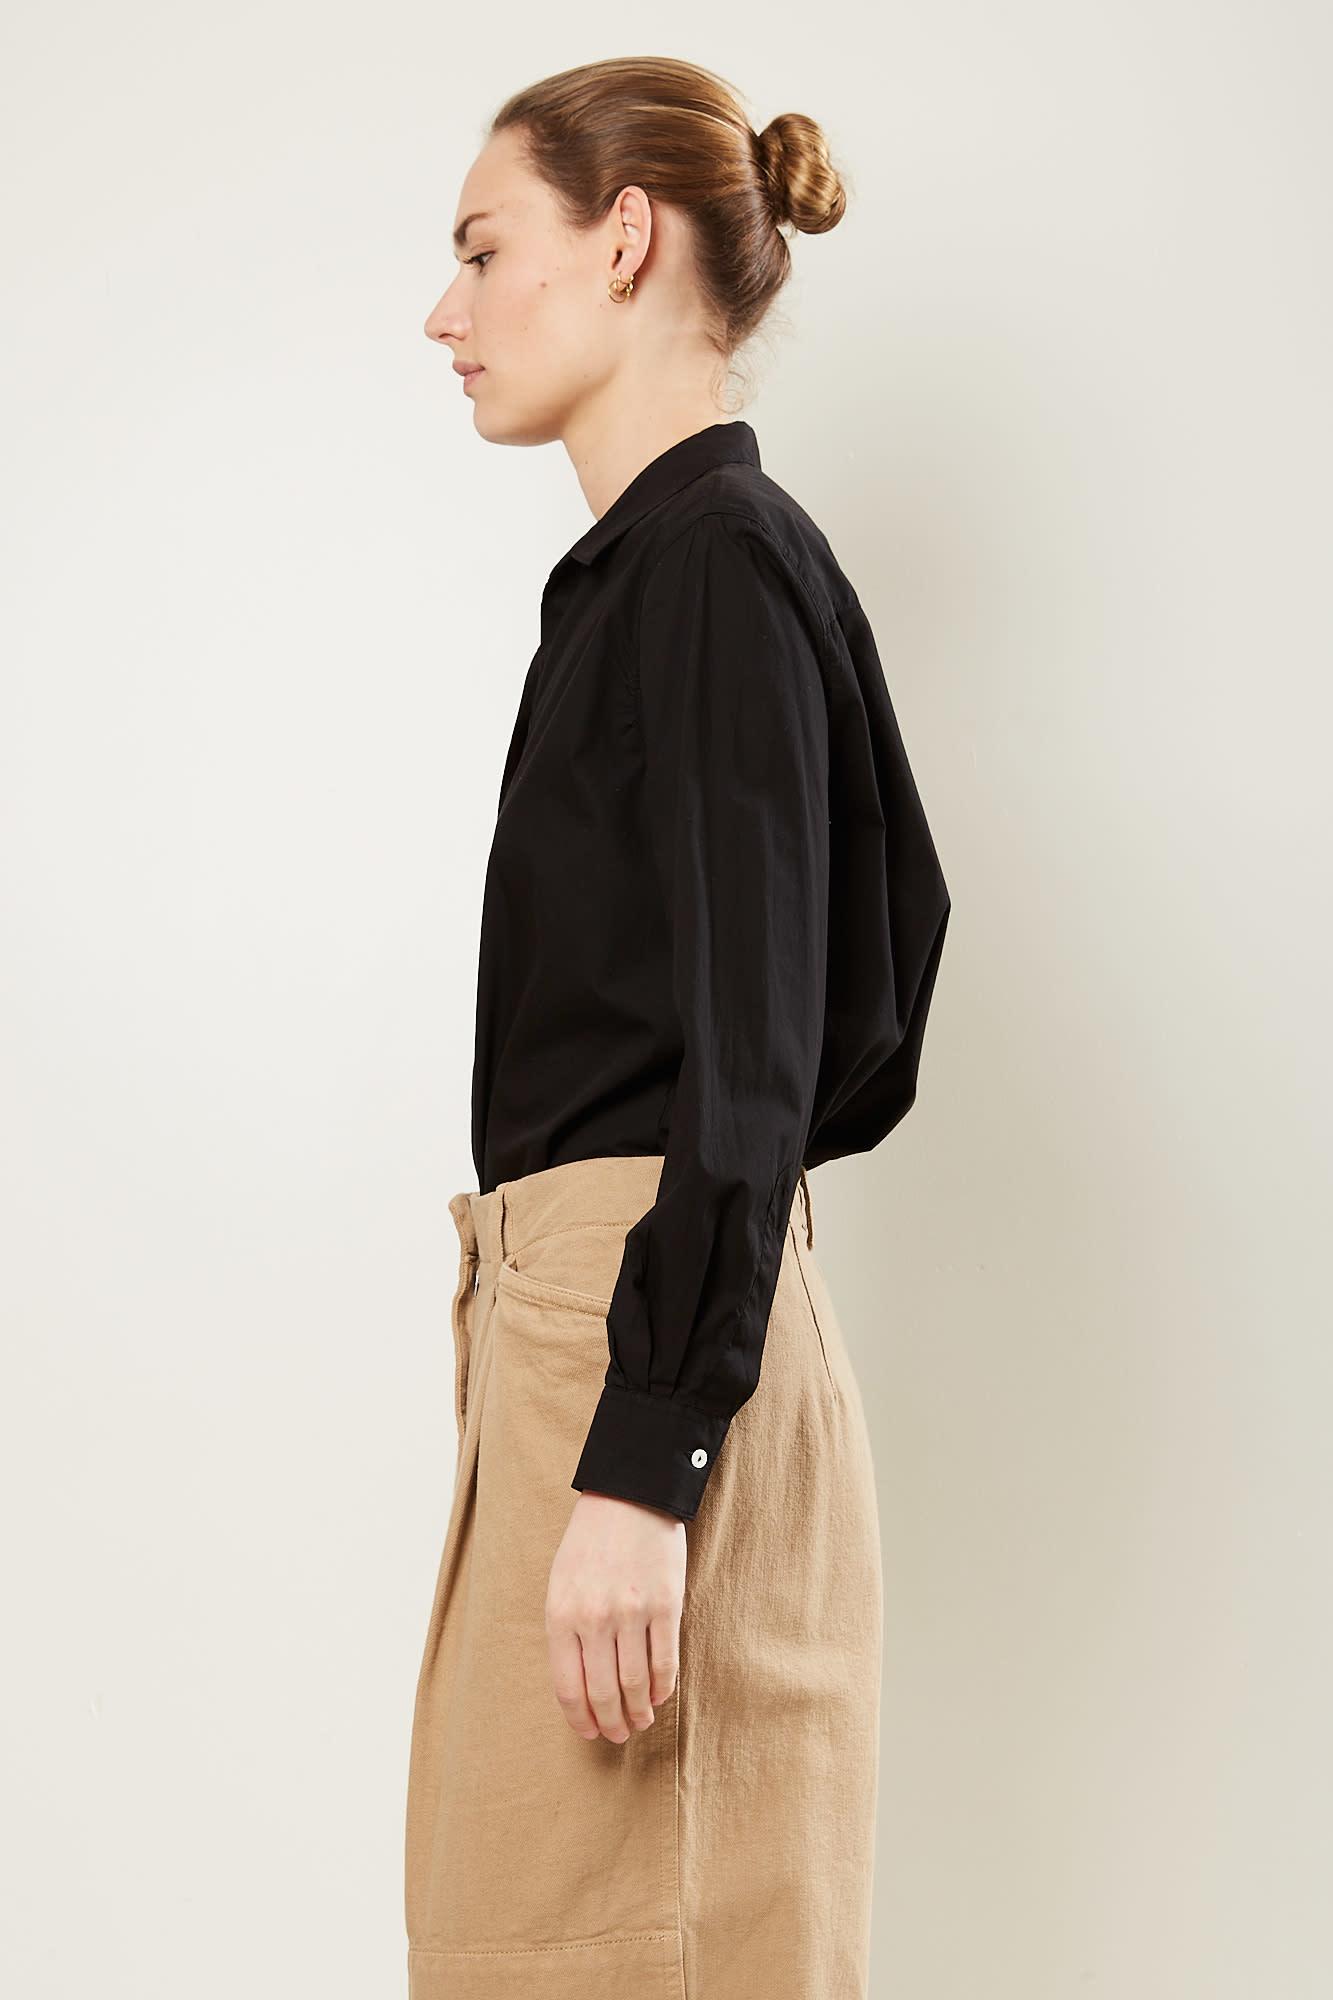 Diega - Clementina chemise 5